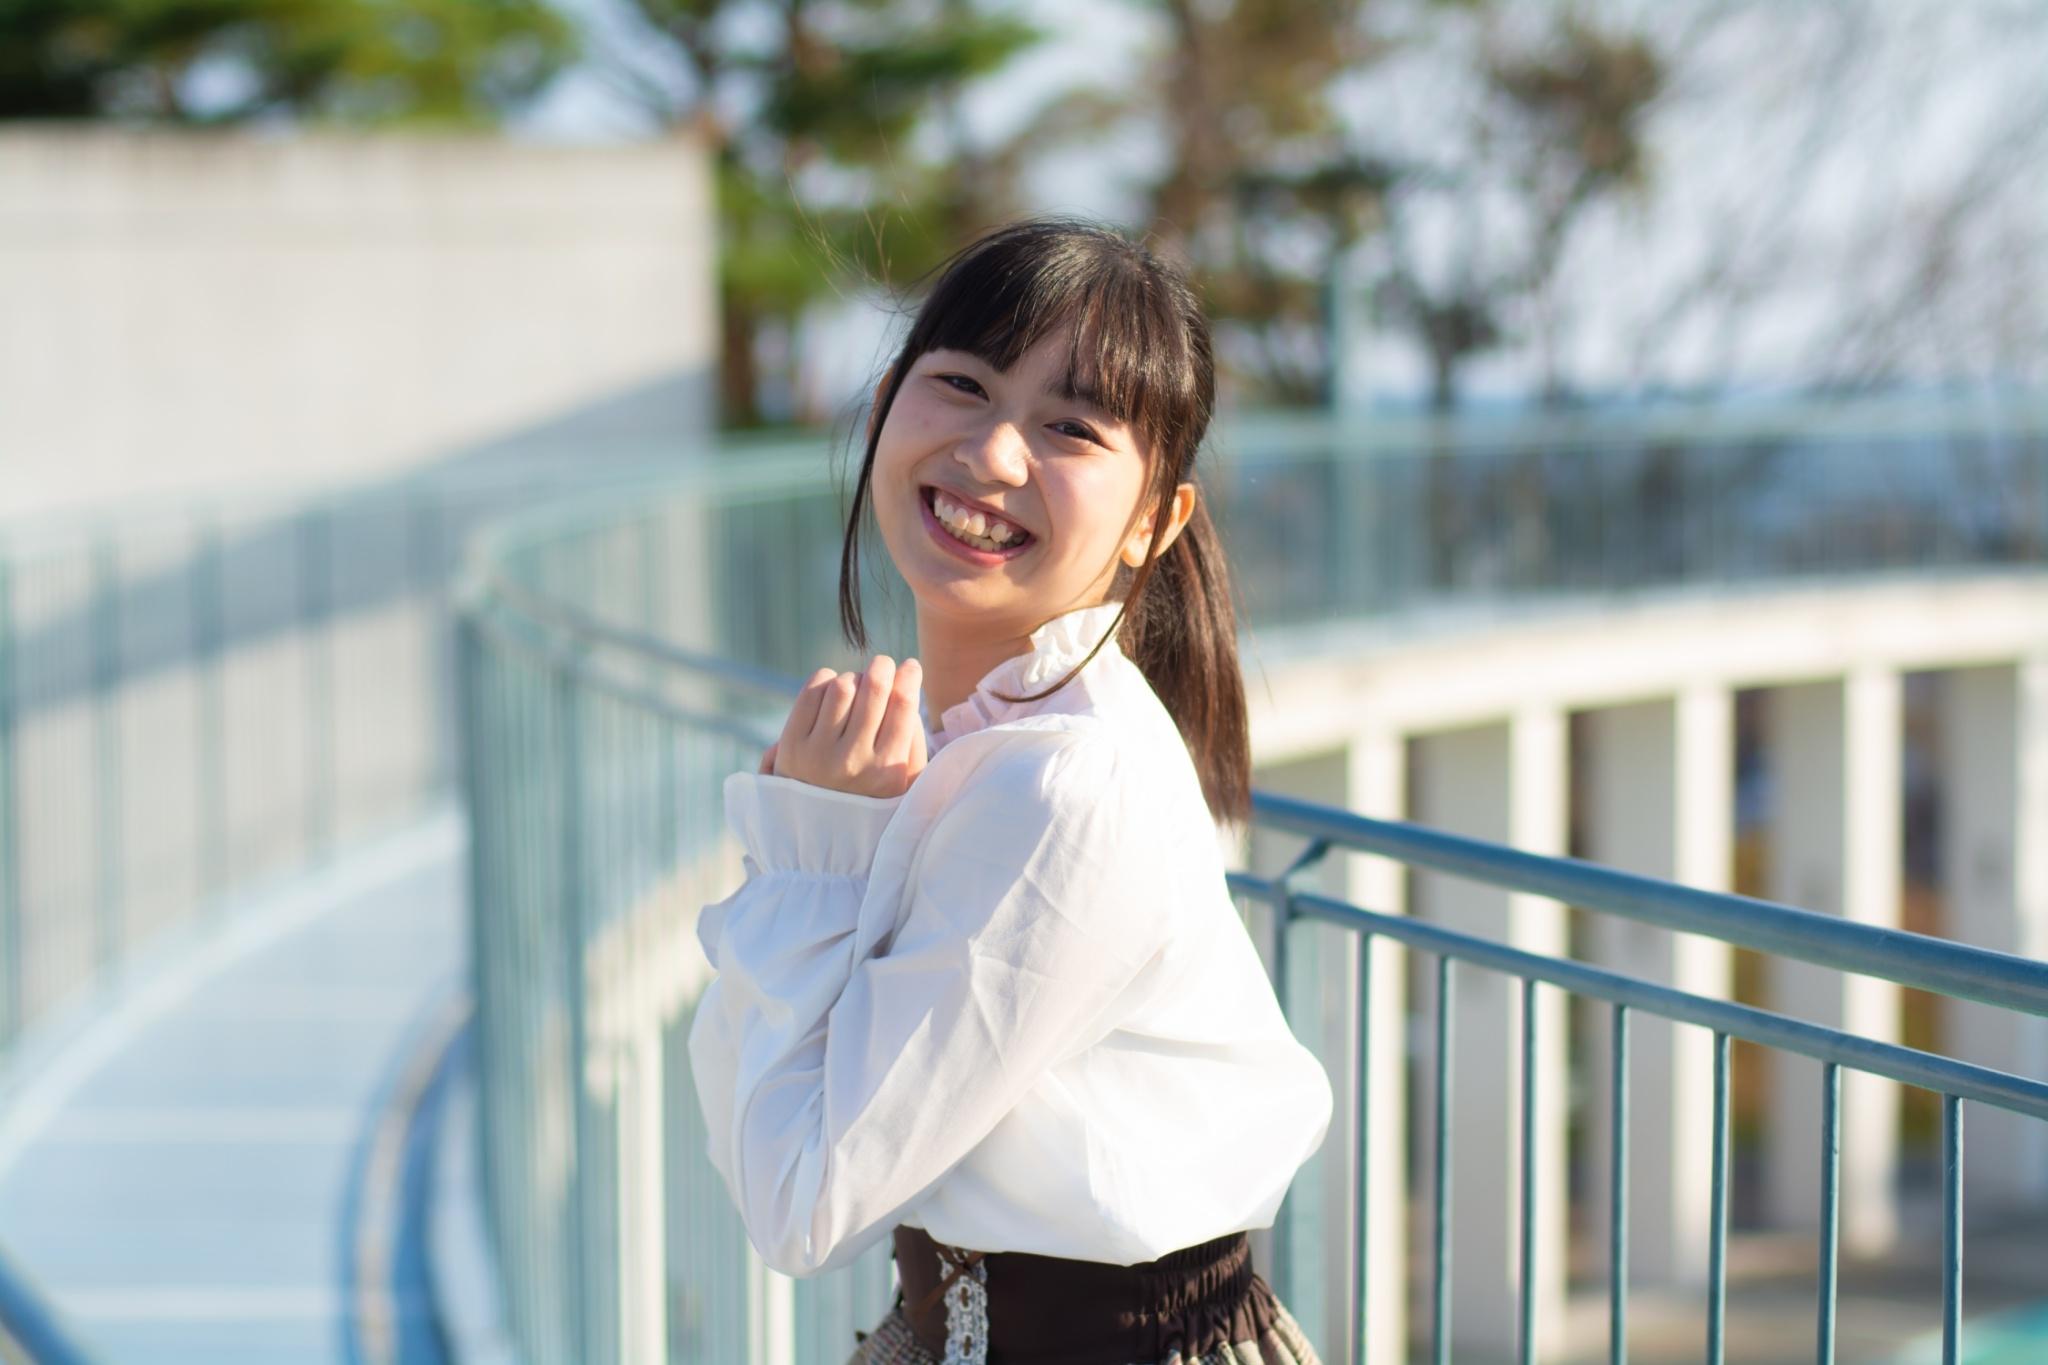 1月10日(日) 髙瀬紗那撮影会 @仙台駅周辺【⭐️満枠御礼⭐️】